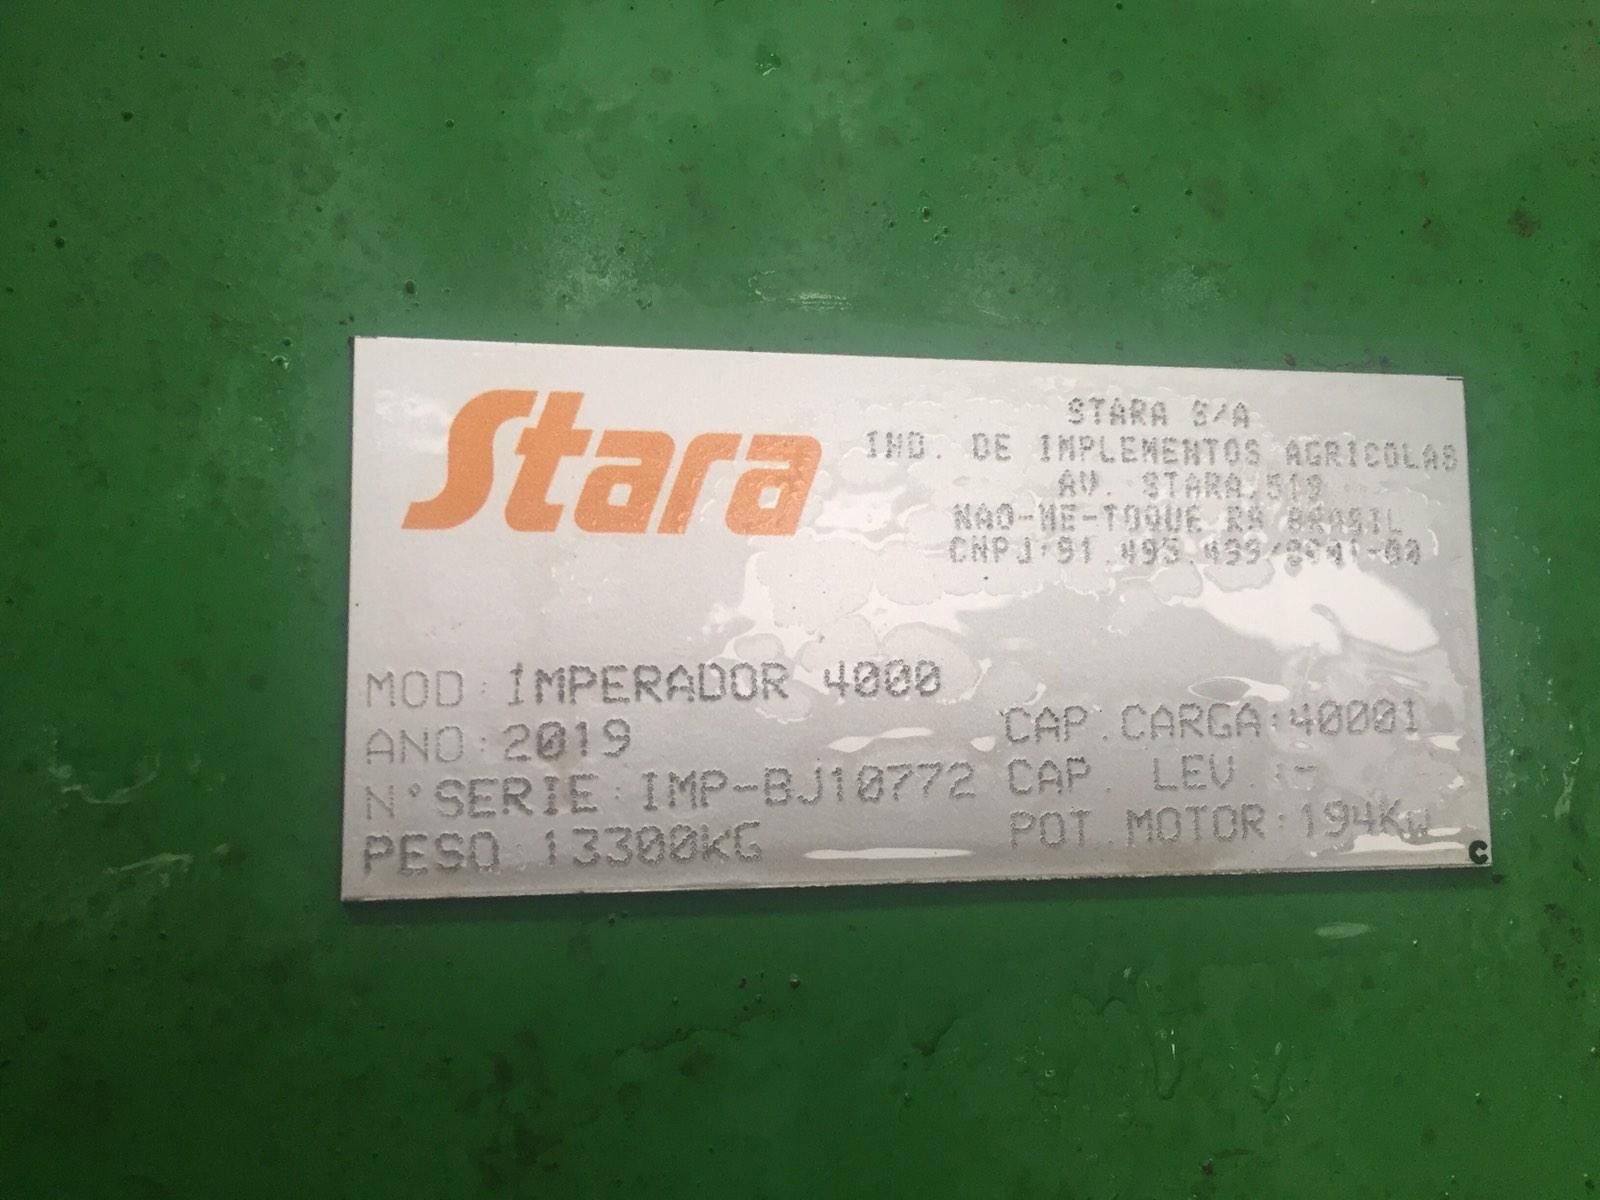 Обприскувач самохідний Stara lmperador 4000